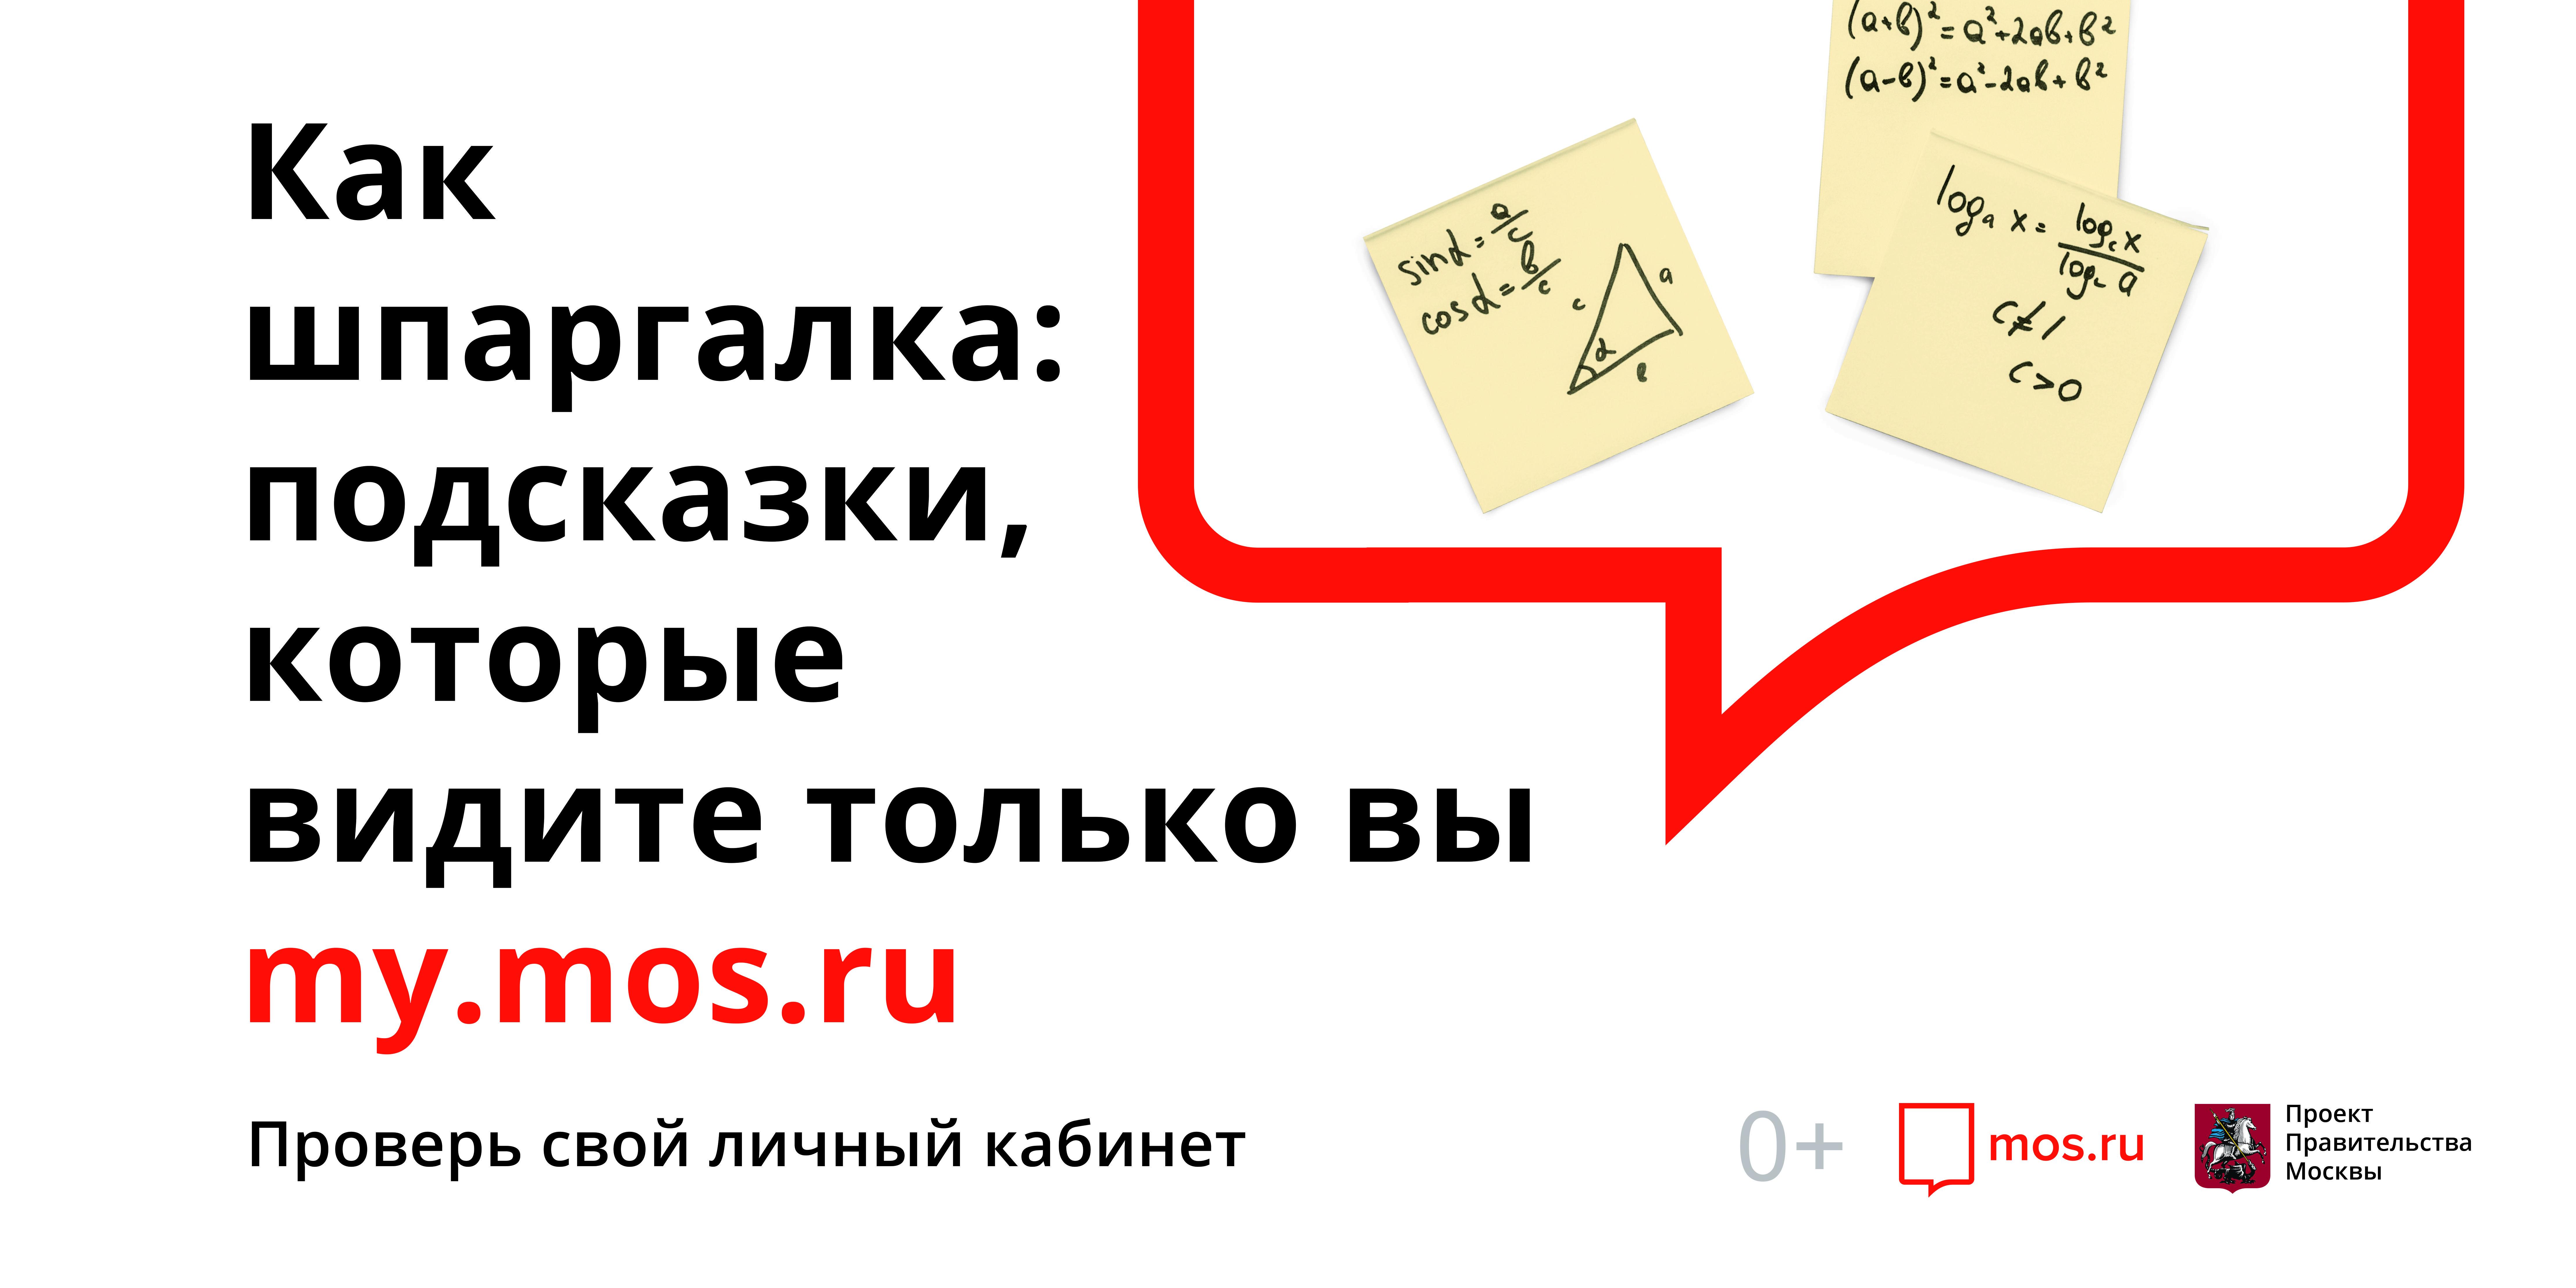 Бесплатная психологическая помощь доступна на портале mos.ru